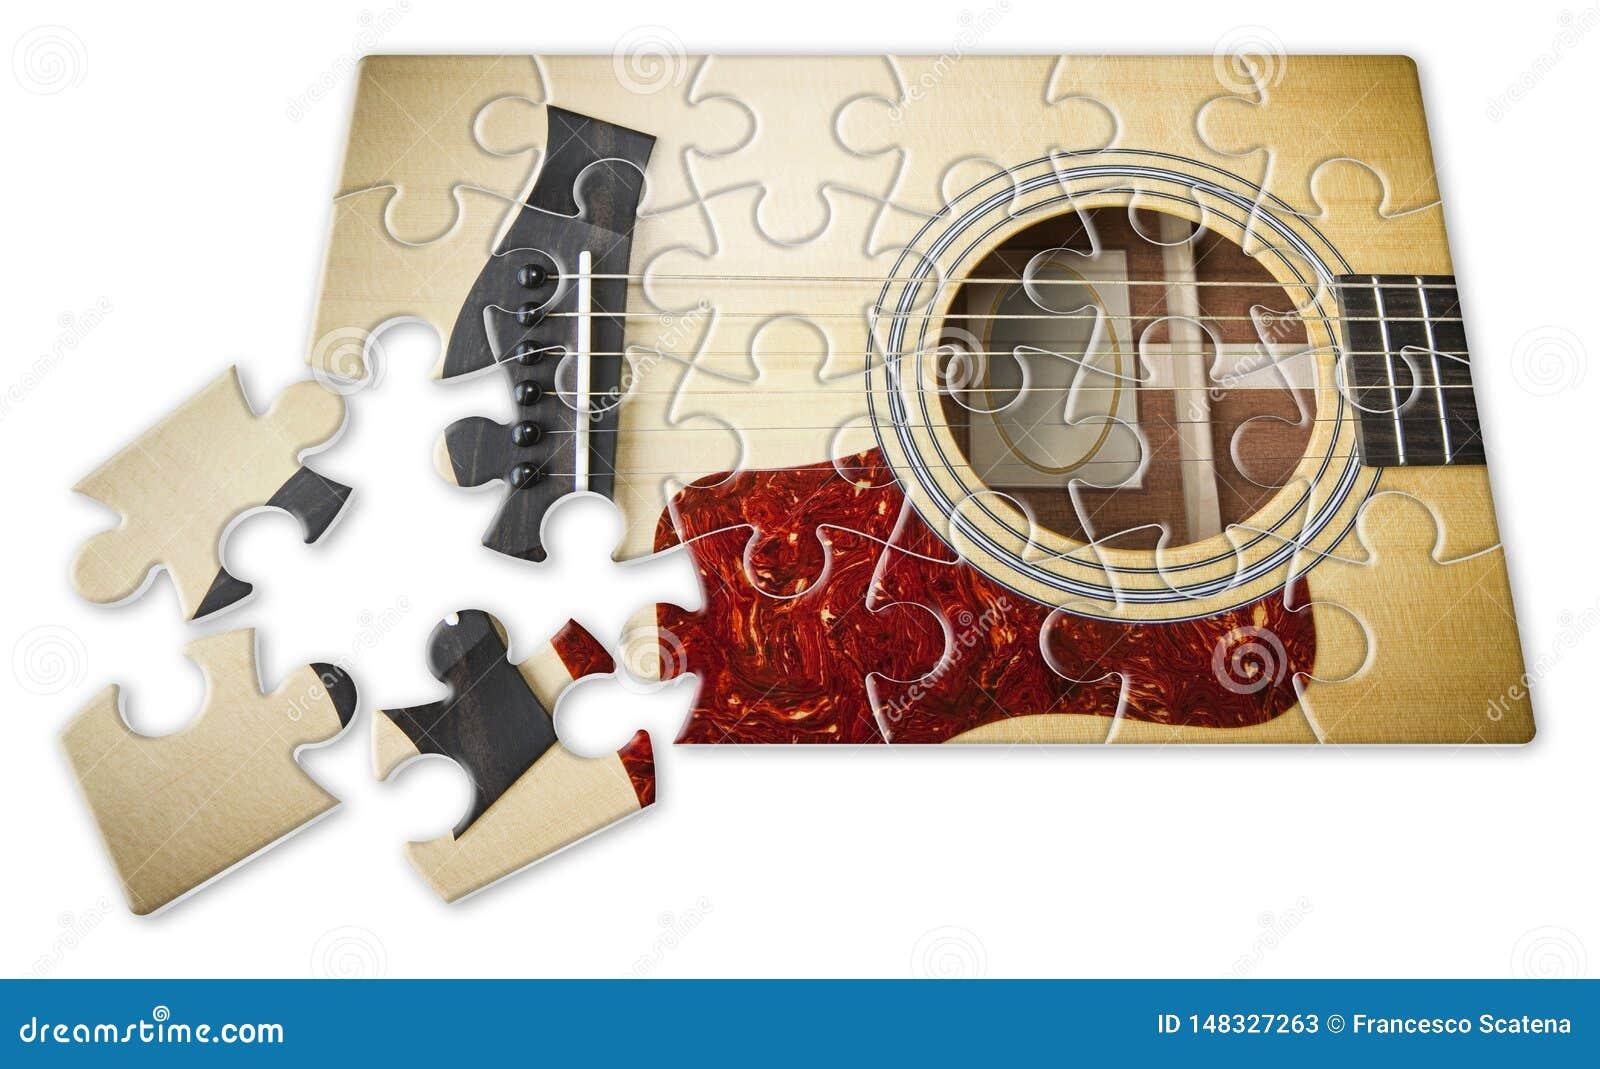 Pazienza e passione da imparare giocare la chitarra graduale - immagine di concetto nella forma di puzzle